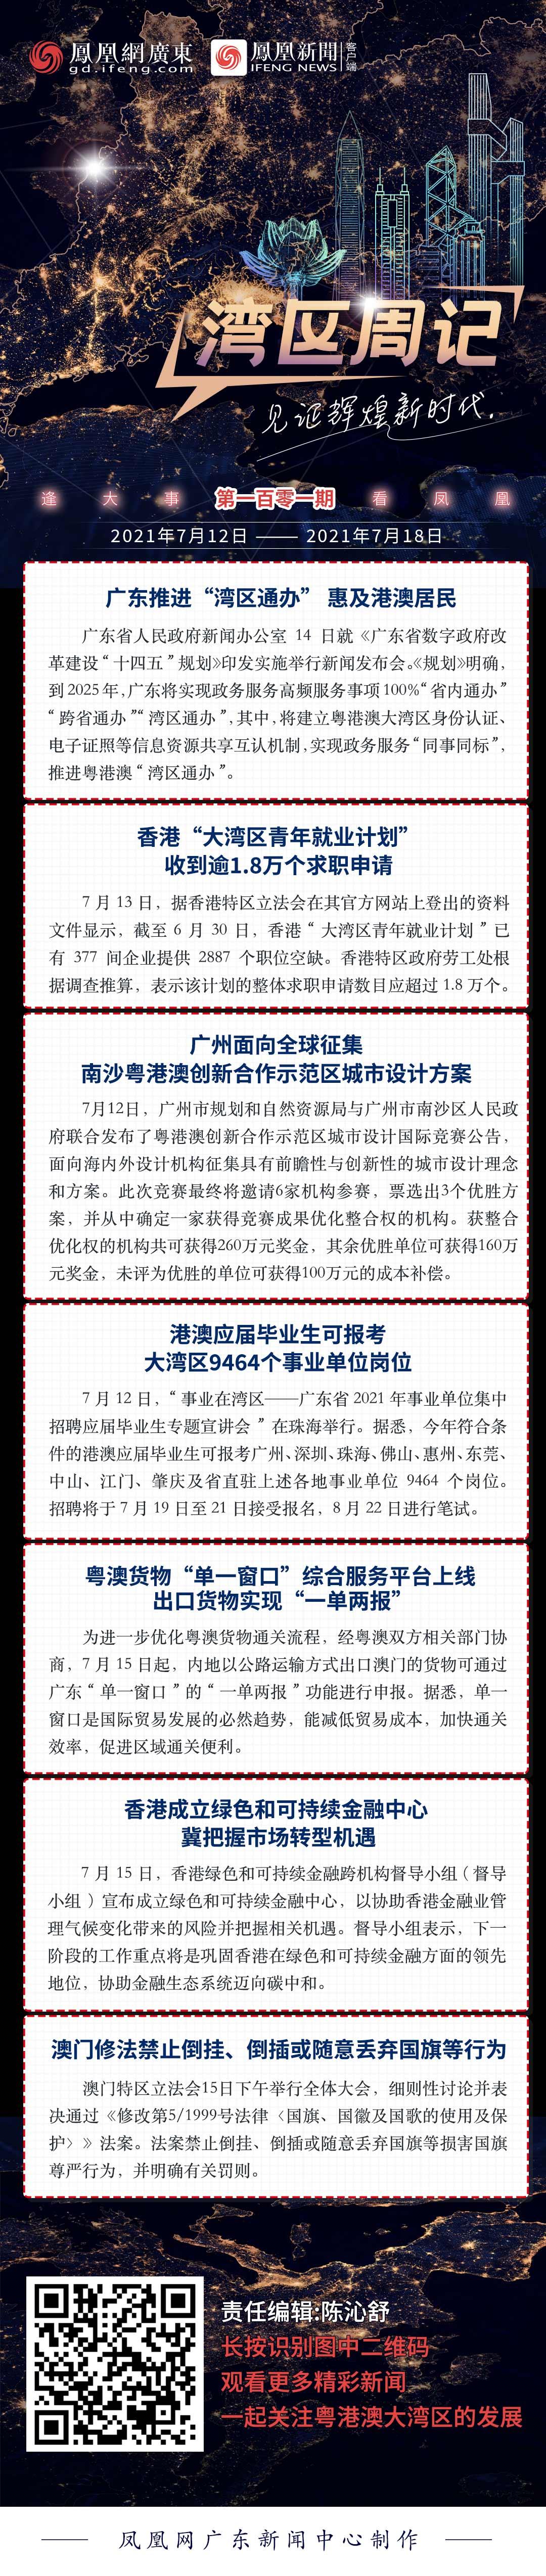 """湾区周记No.101丨广东推进""""湾区通办""""惠及港澳居民"""